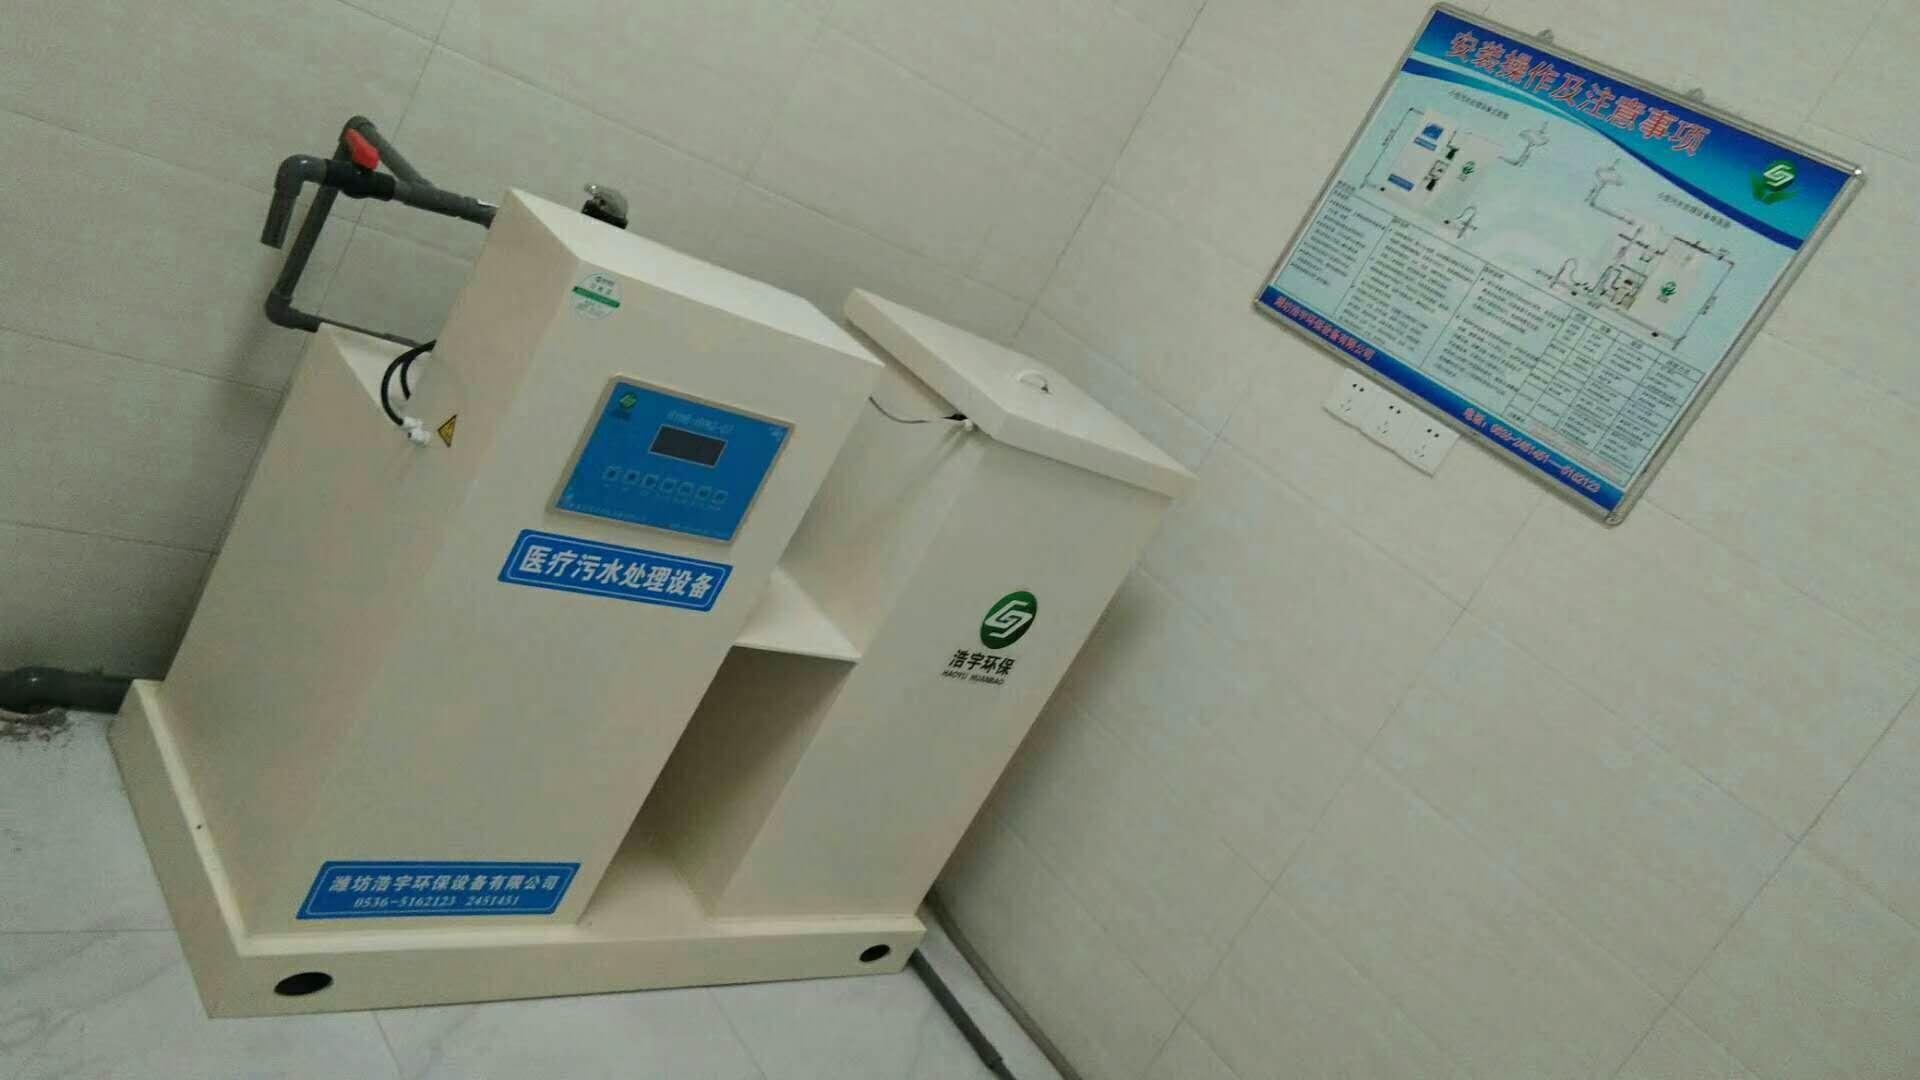 宜春实验室污水处理设备 <br> 全新  价格:26500 <br> <img src=http://k.kqzp.cn/img/up/img/5f2e737a66076.jpg width=150 >